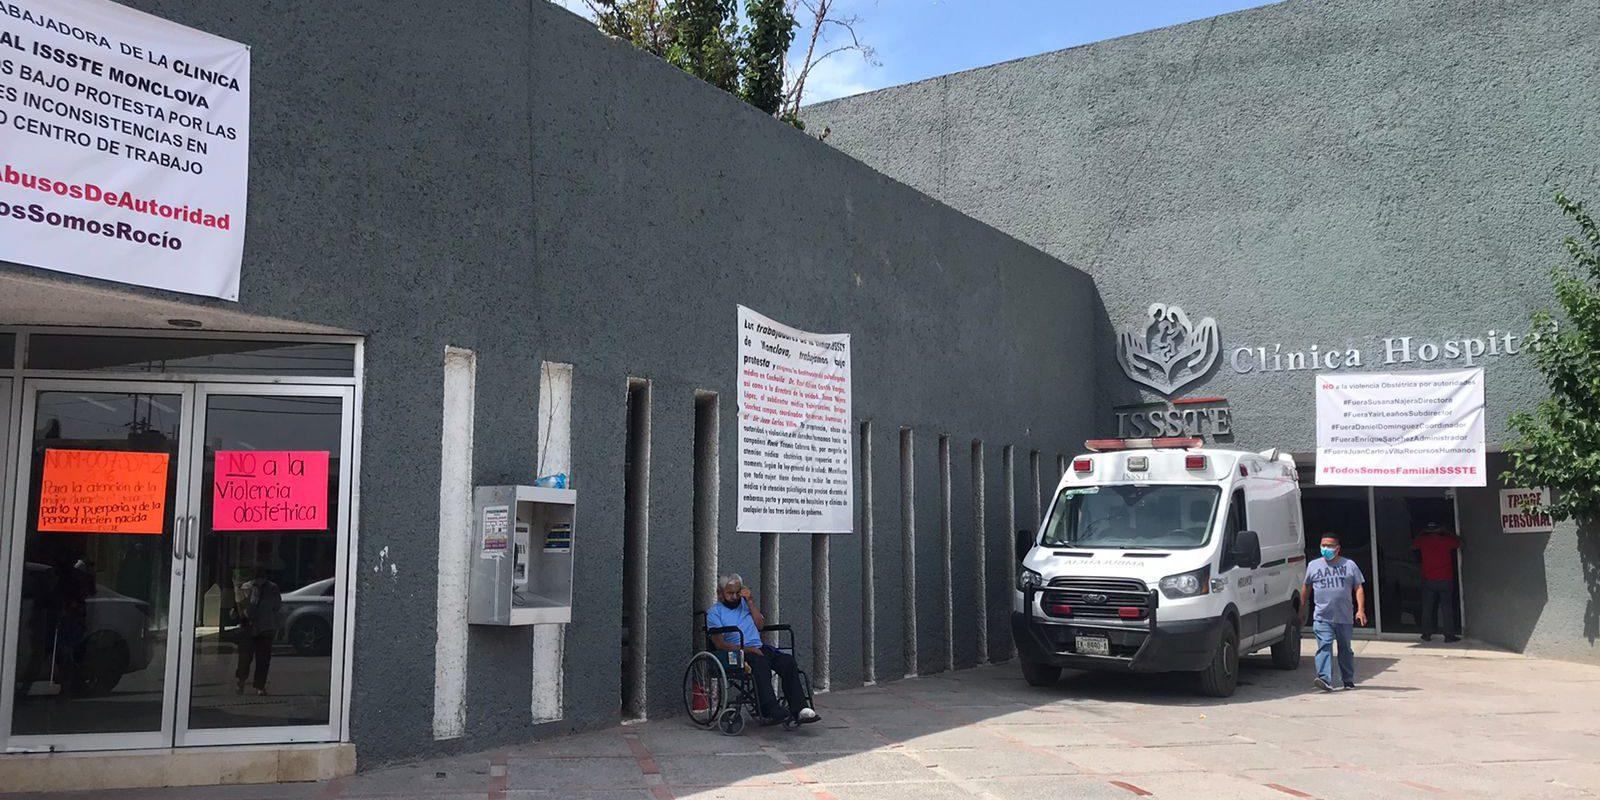 Llevan una semana las mantas acusando de violencia obstétrica a directivos de la Clínica del ISSSTE en Monclova